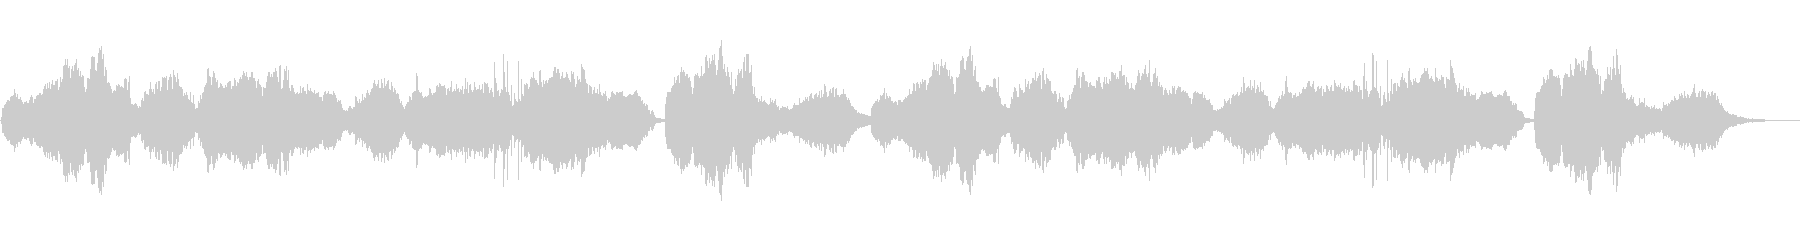 悲しげな生の篠笛とシンセの未再生の波形